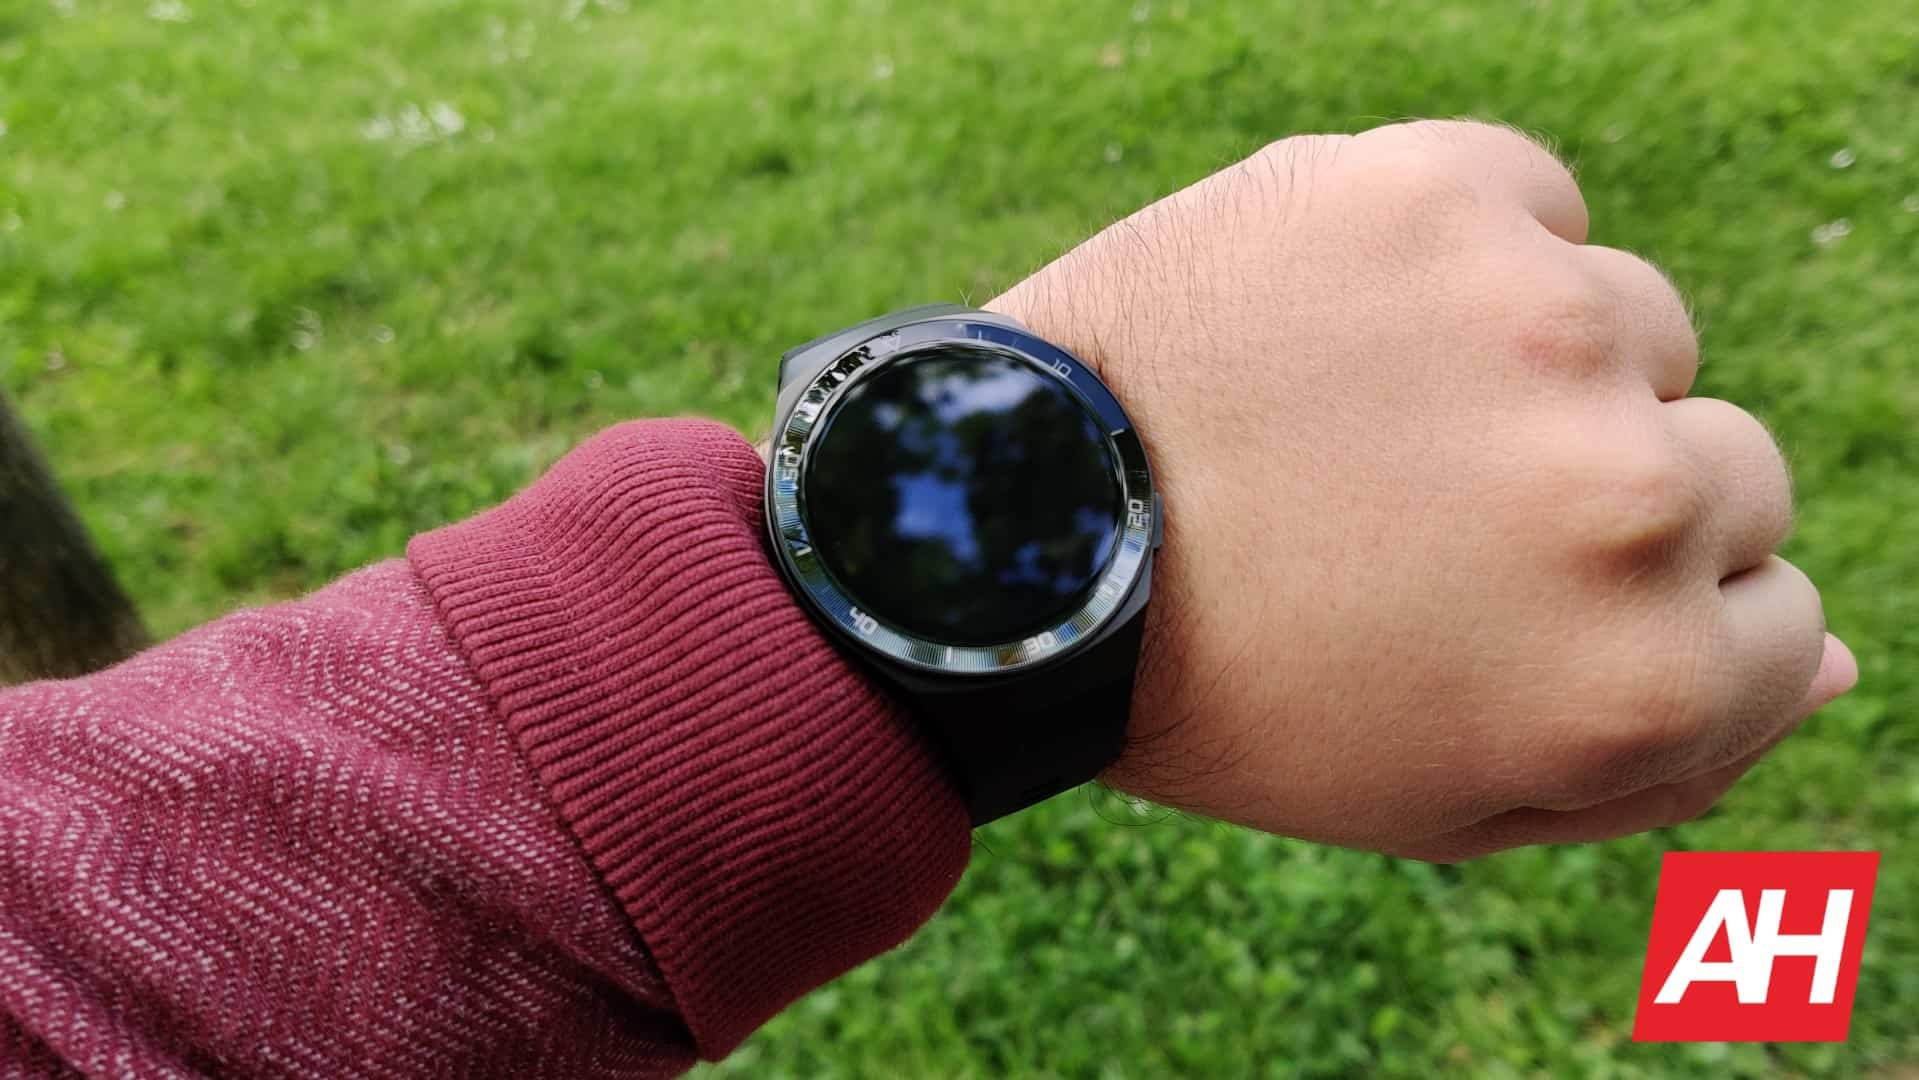 AH Huawei Watch GT 2e image 34